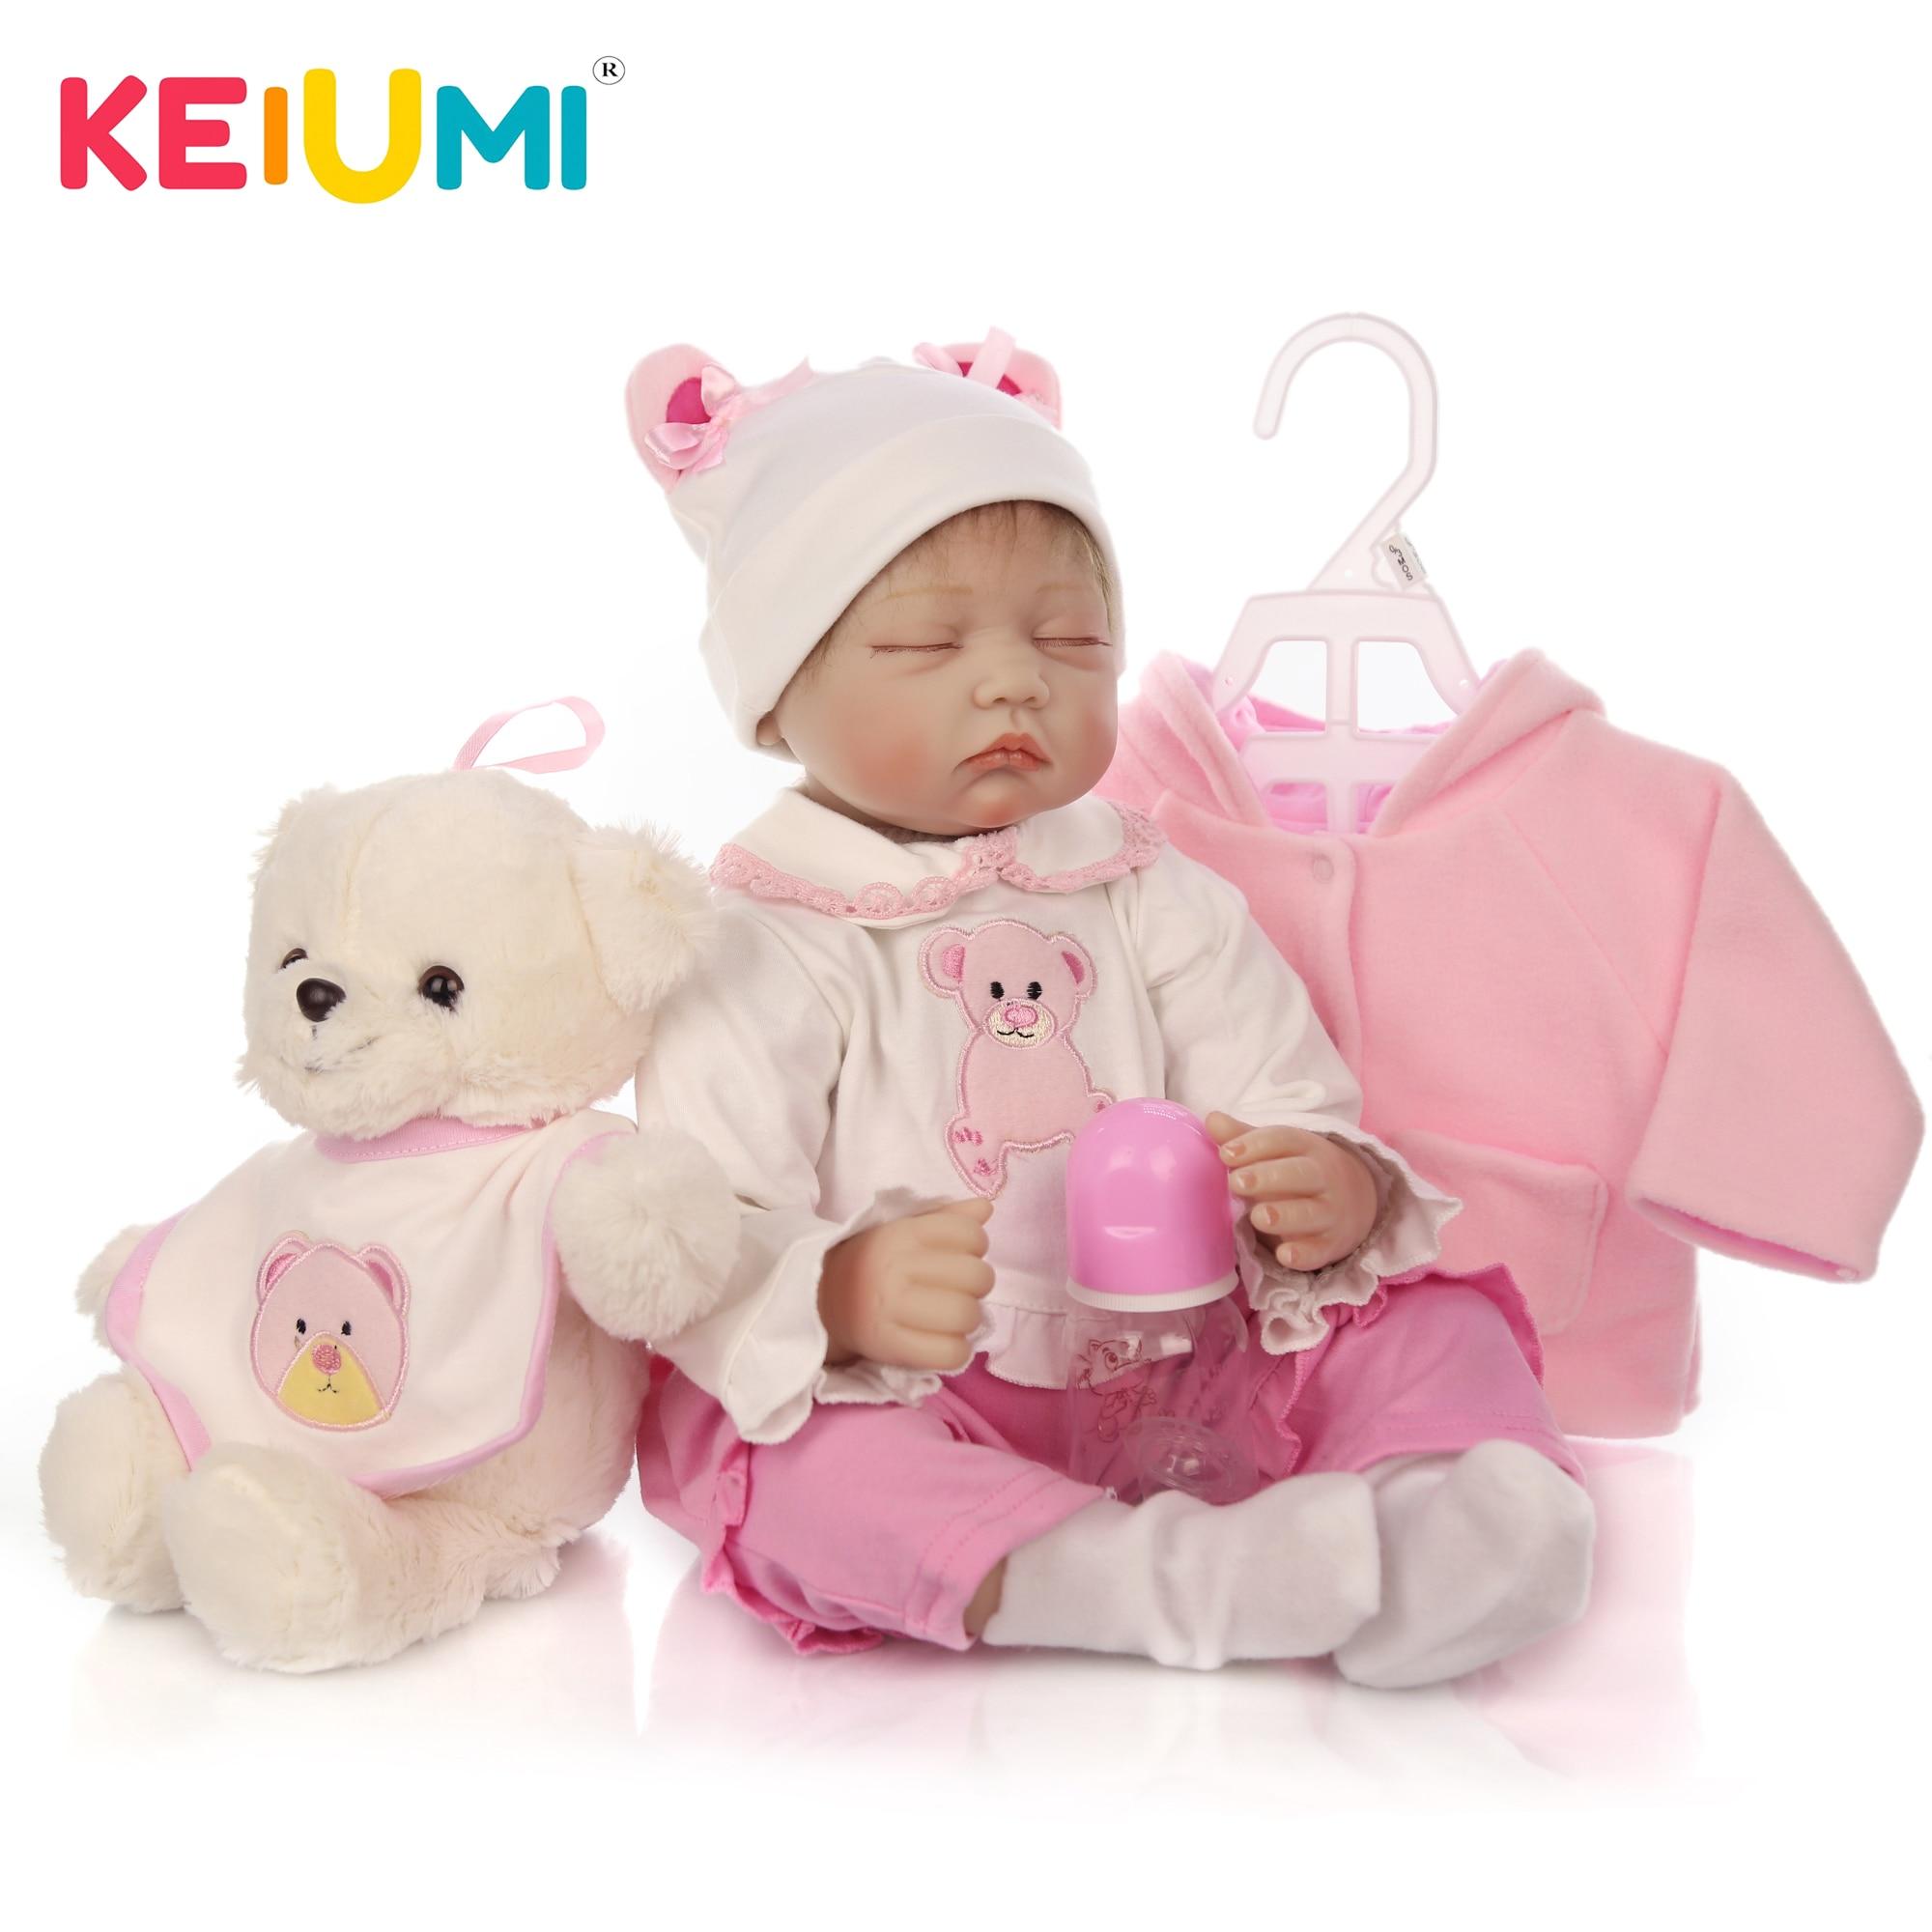 دمية سيليكون ناعمة للبنات ، لعبة طفل واقعية تولد من جديد ، دمية أميرة مع دب ، 55 سنتيمتر ، 22 بوصة